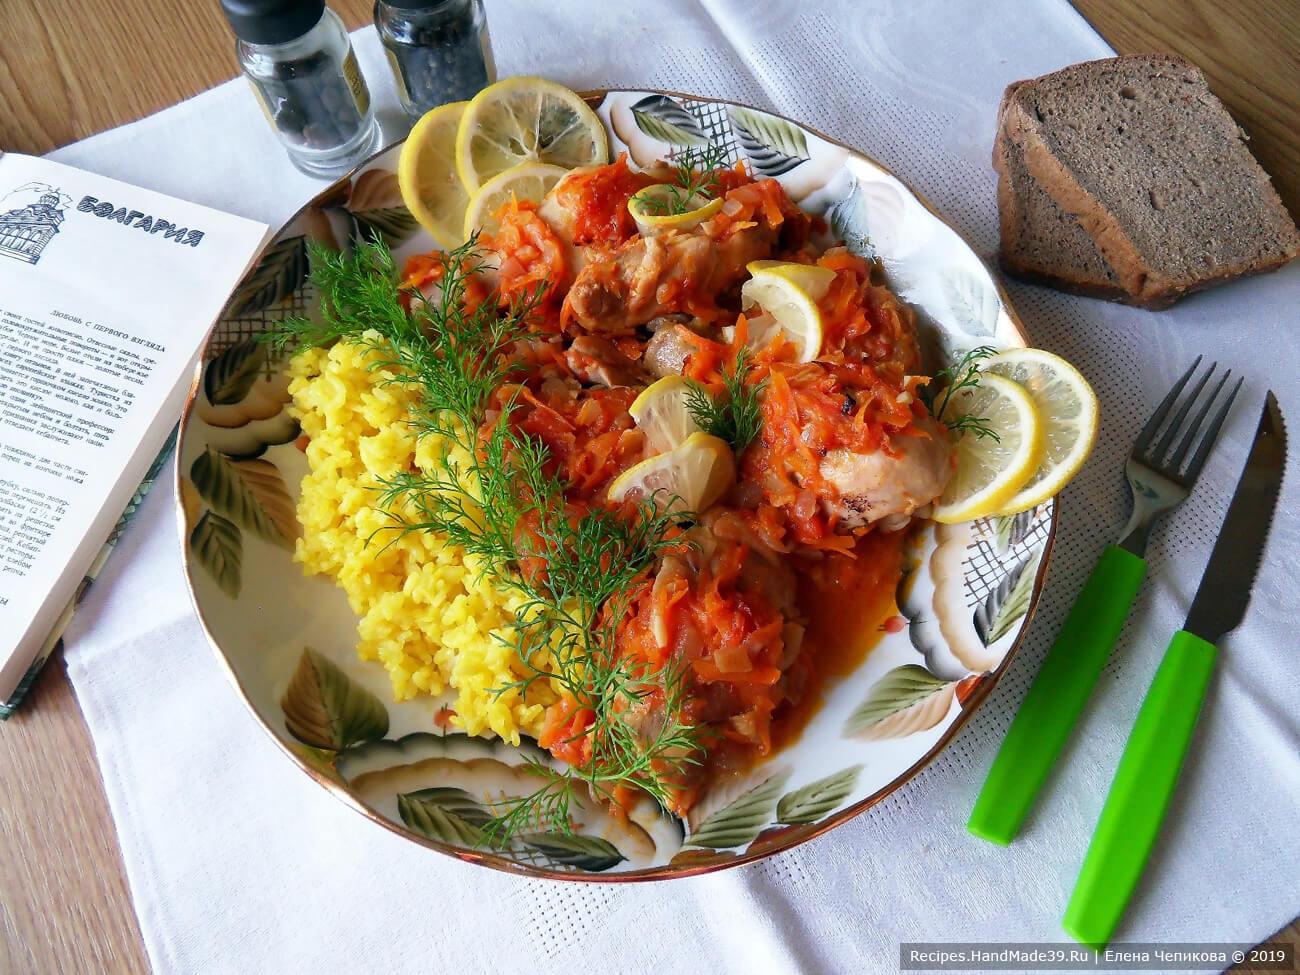 Цыплёнок-плакия – пошаговый кулинарный рецепт с фото